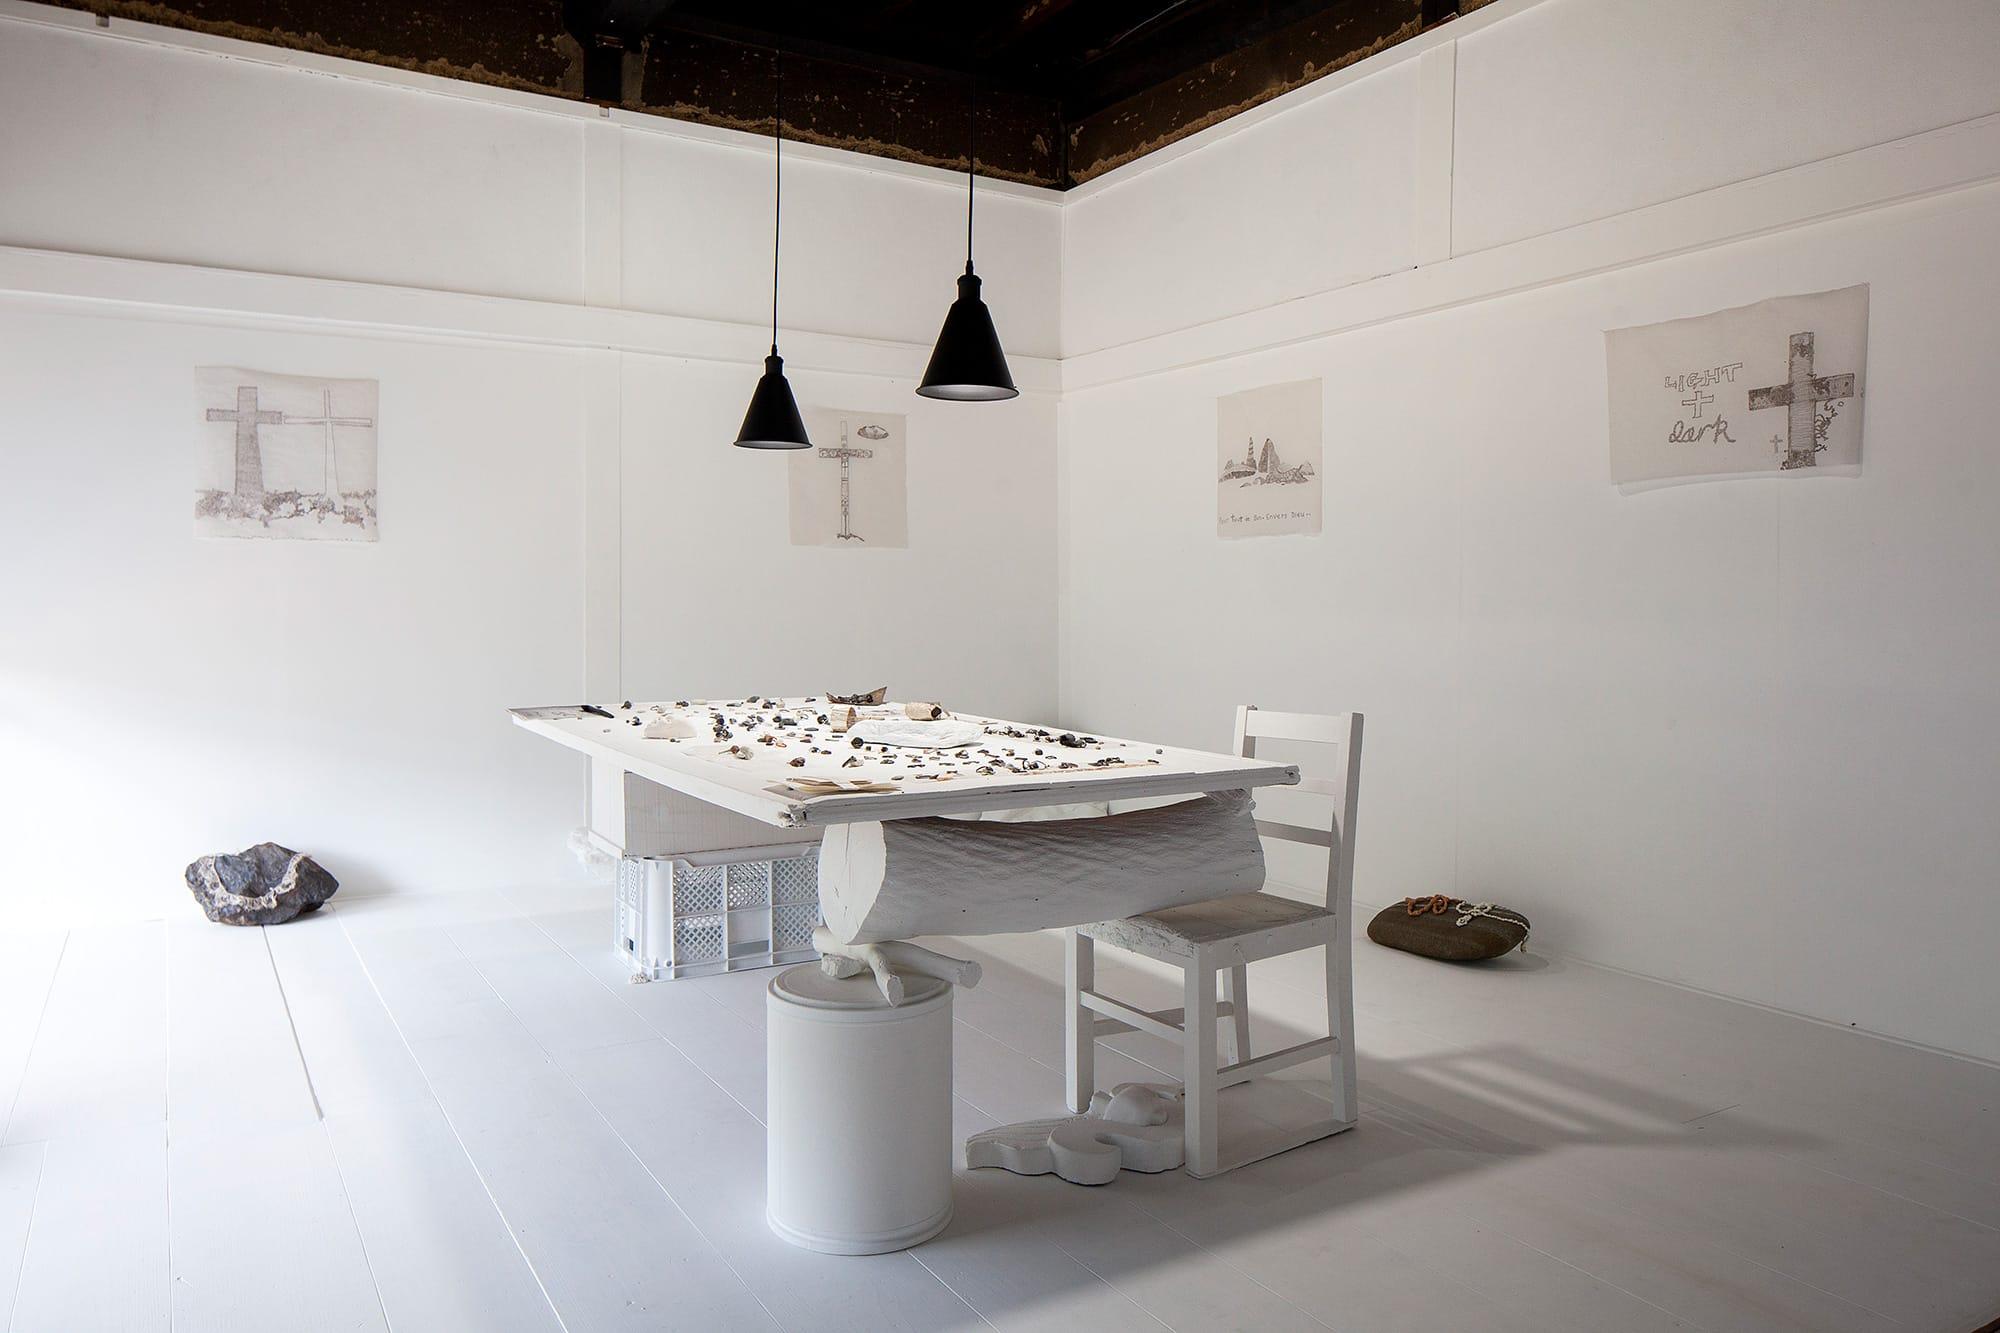 ルーファスさんが真っ白にペイントしたスペースでの展示。